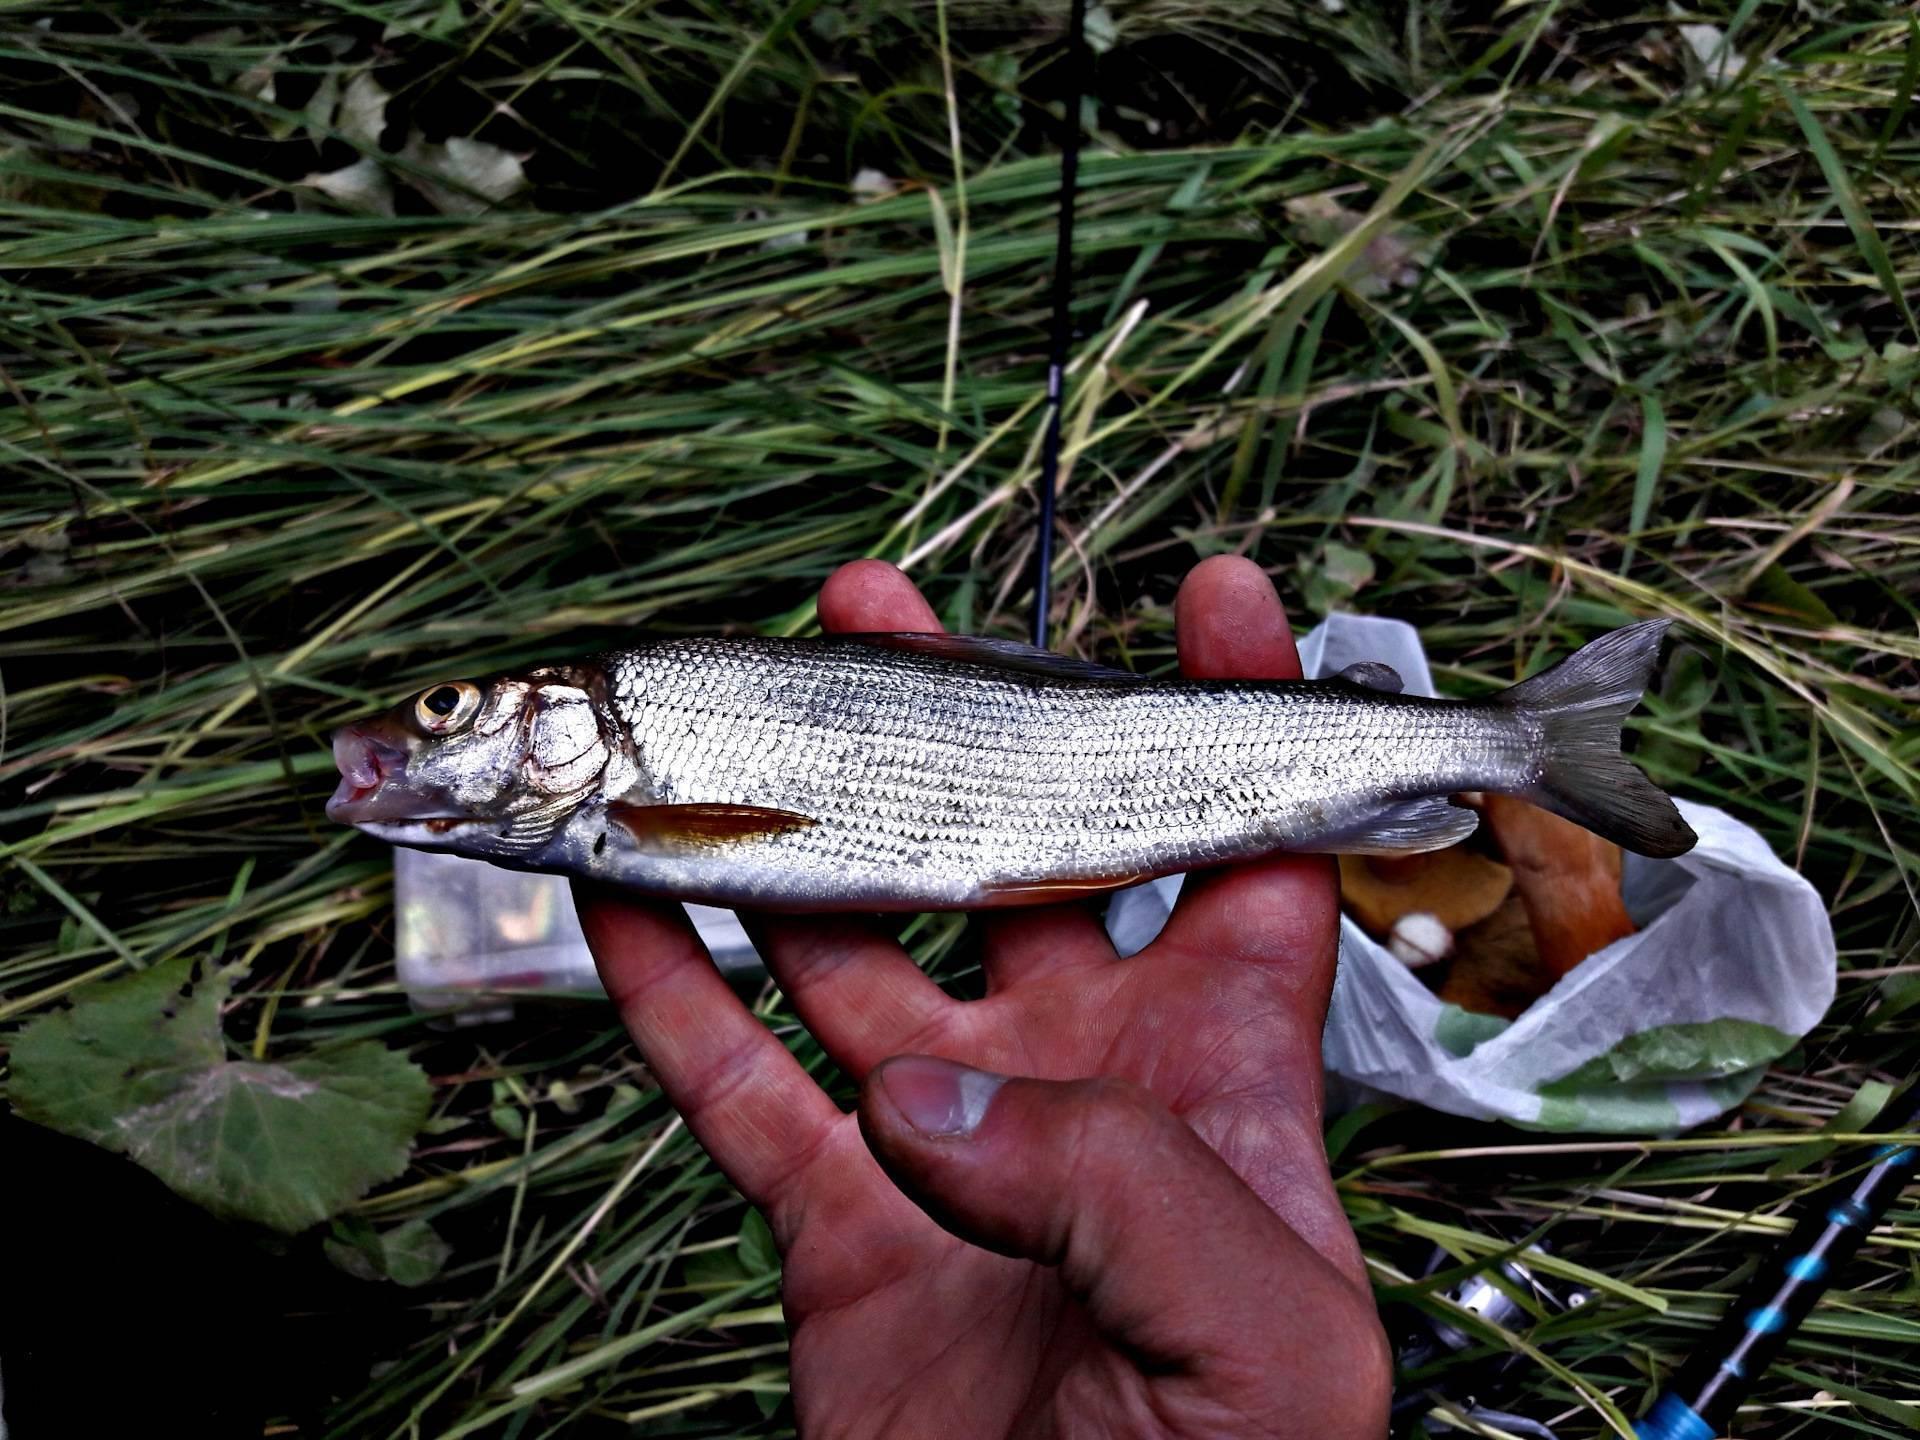 Река пышма свердловской области: особенности рыбалки, какая рыба водится